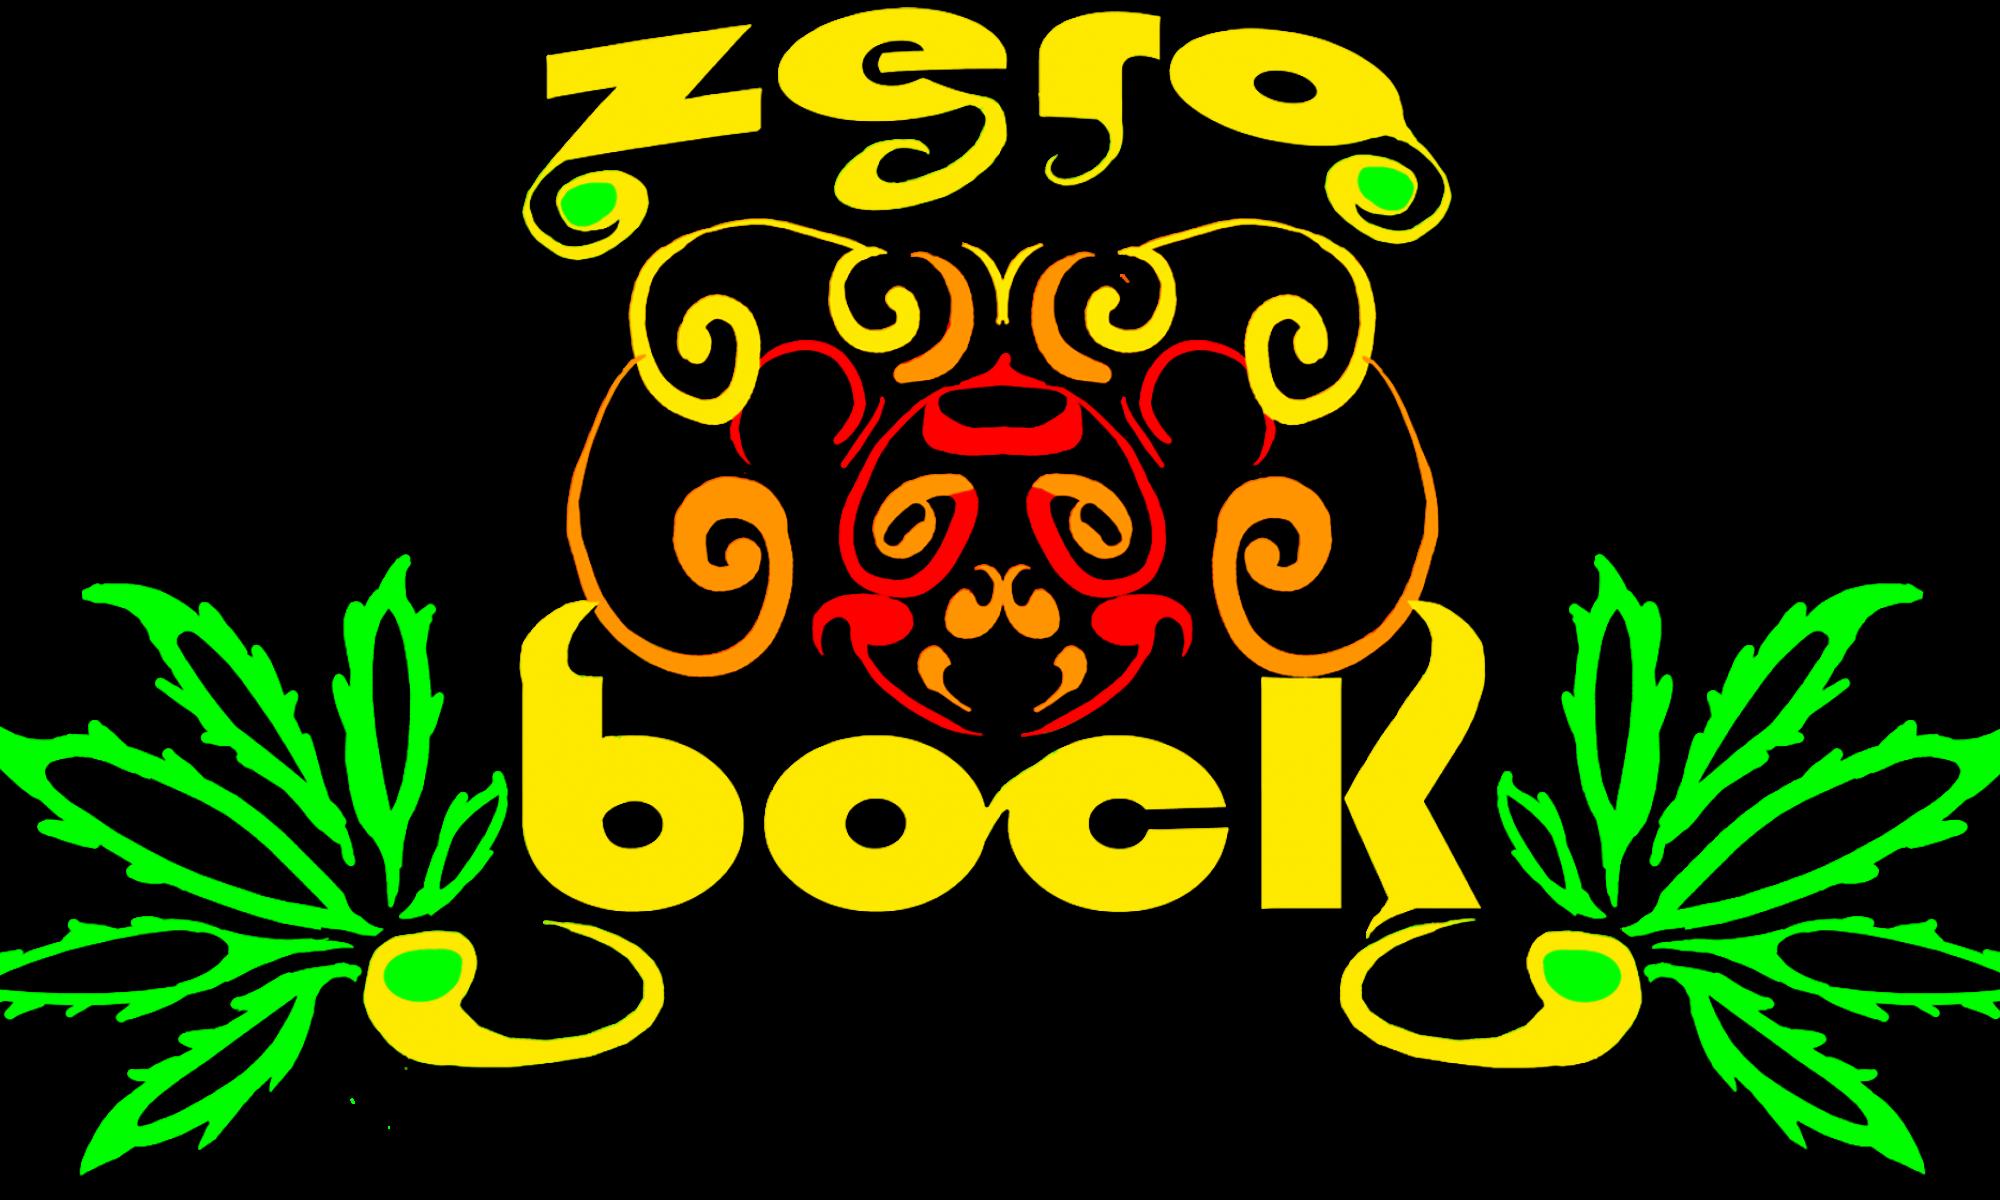 Zero Bock